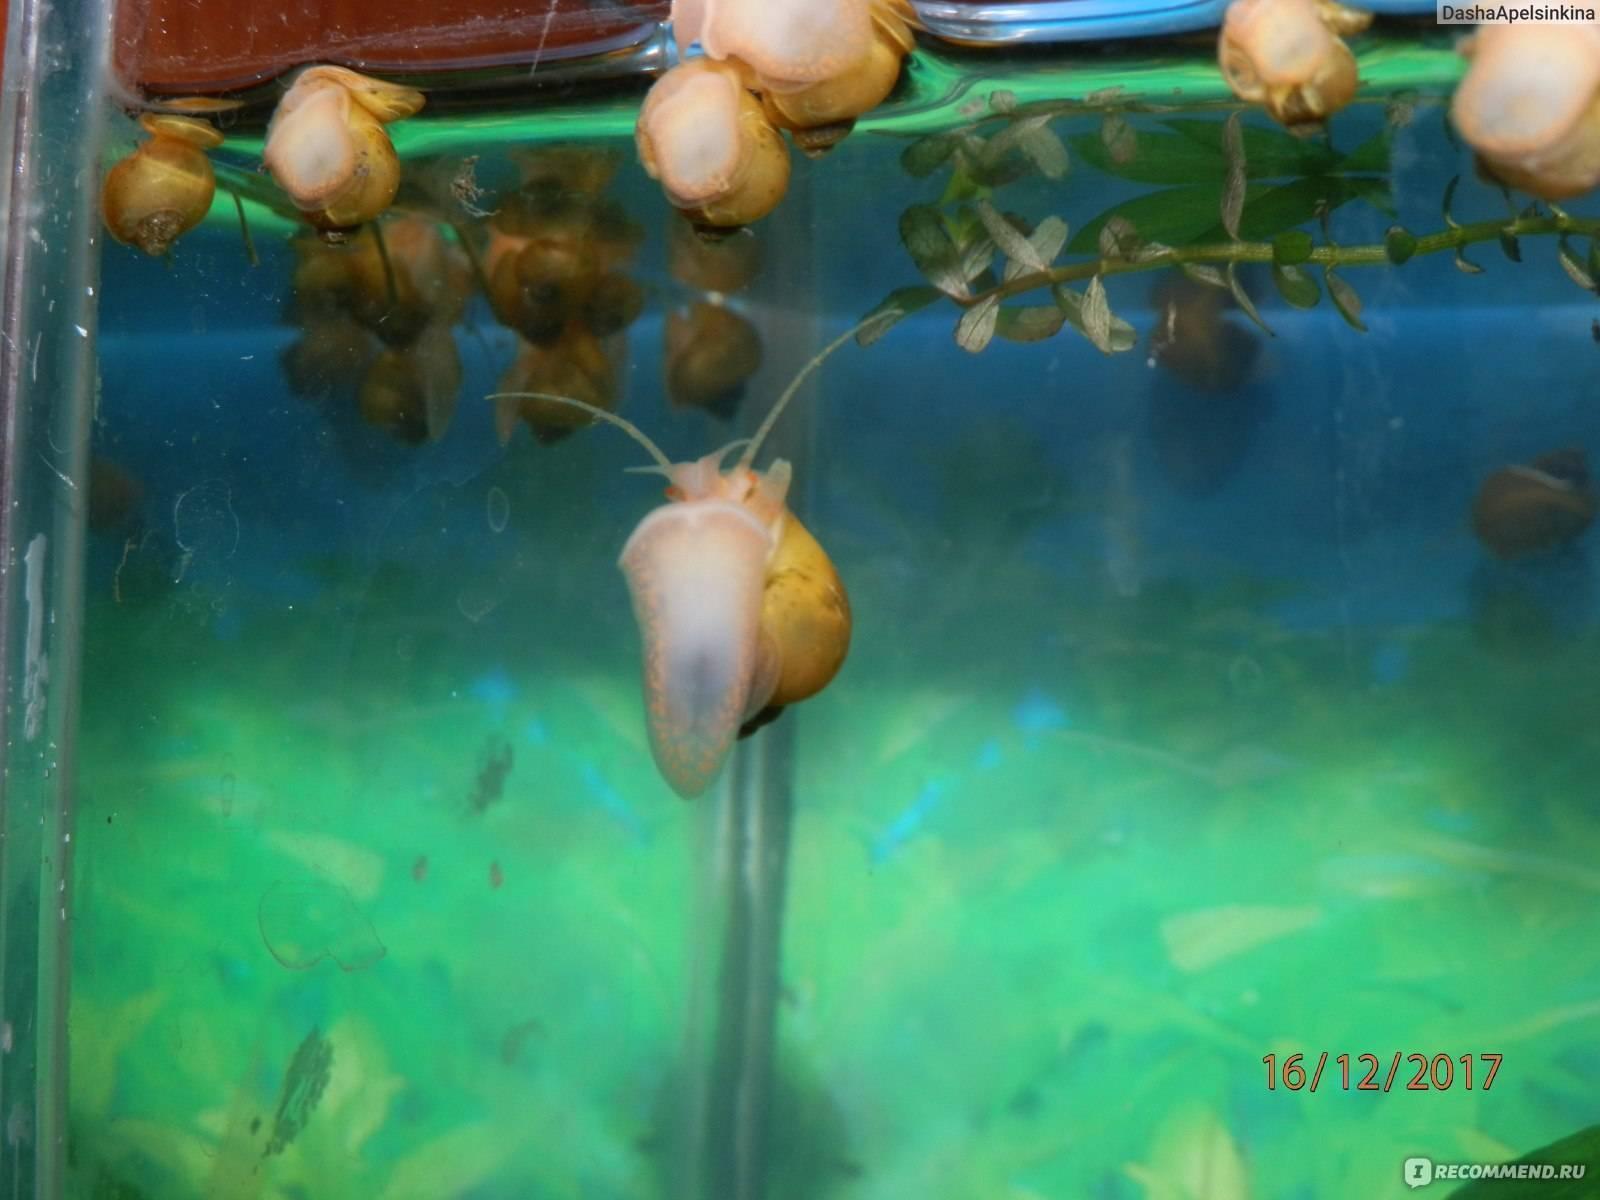 Аквариумная улитка ампулярия ее содержание и кормление, определение пола и размножение в аквариуме